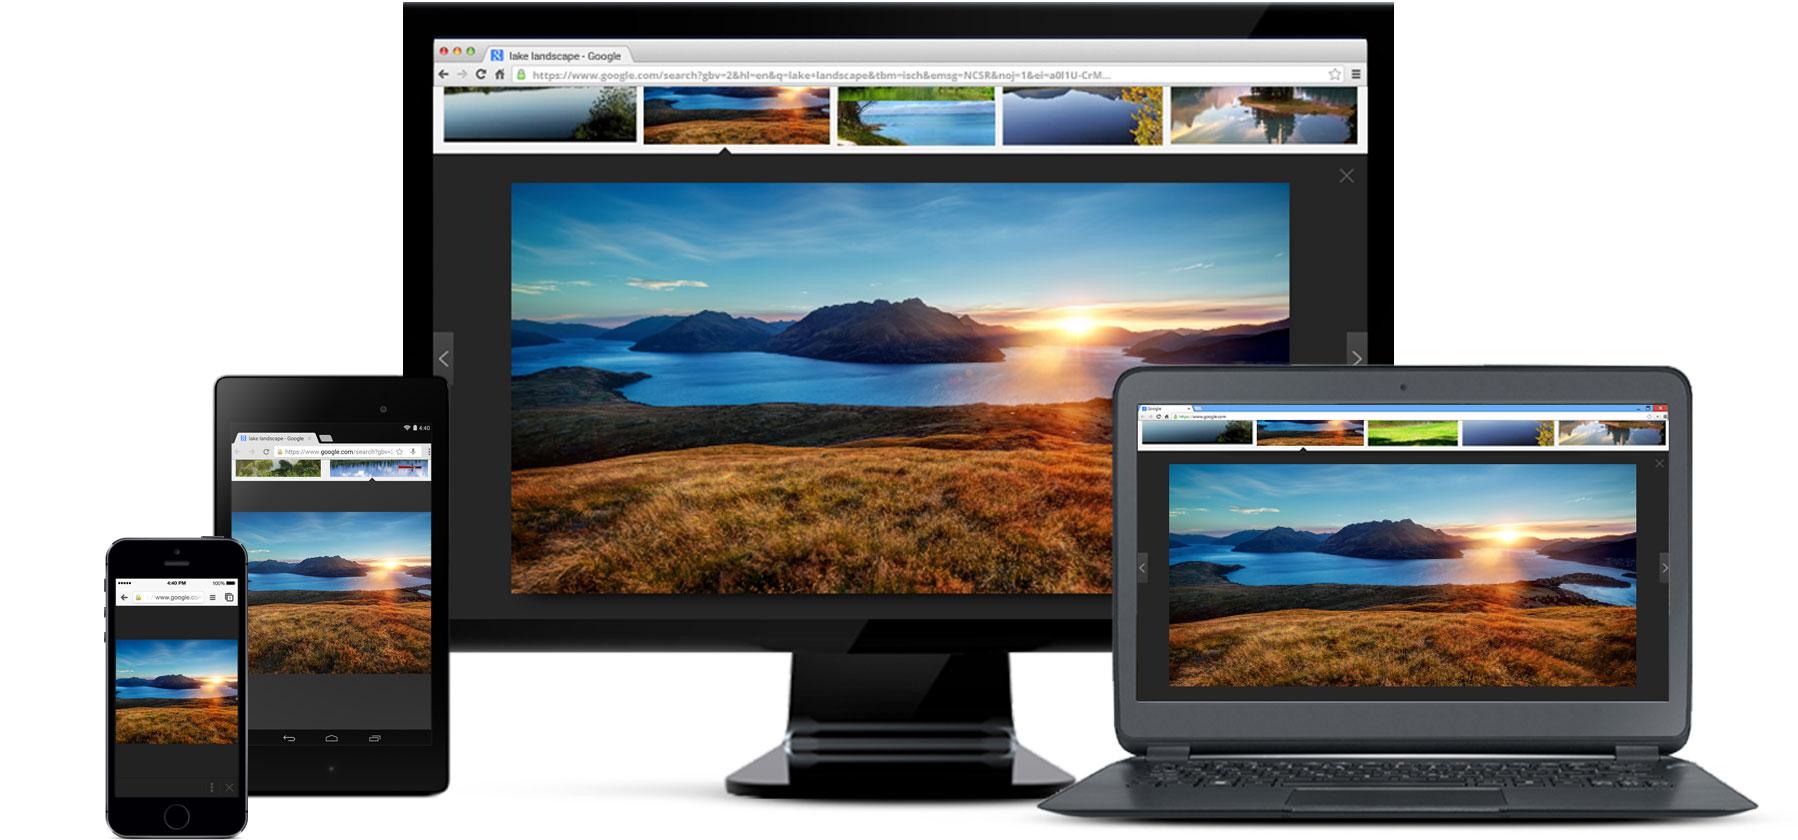 谷歌计划 2020 年停止 Chrome 后台标签页的 JS 操作-芊雅企服